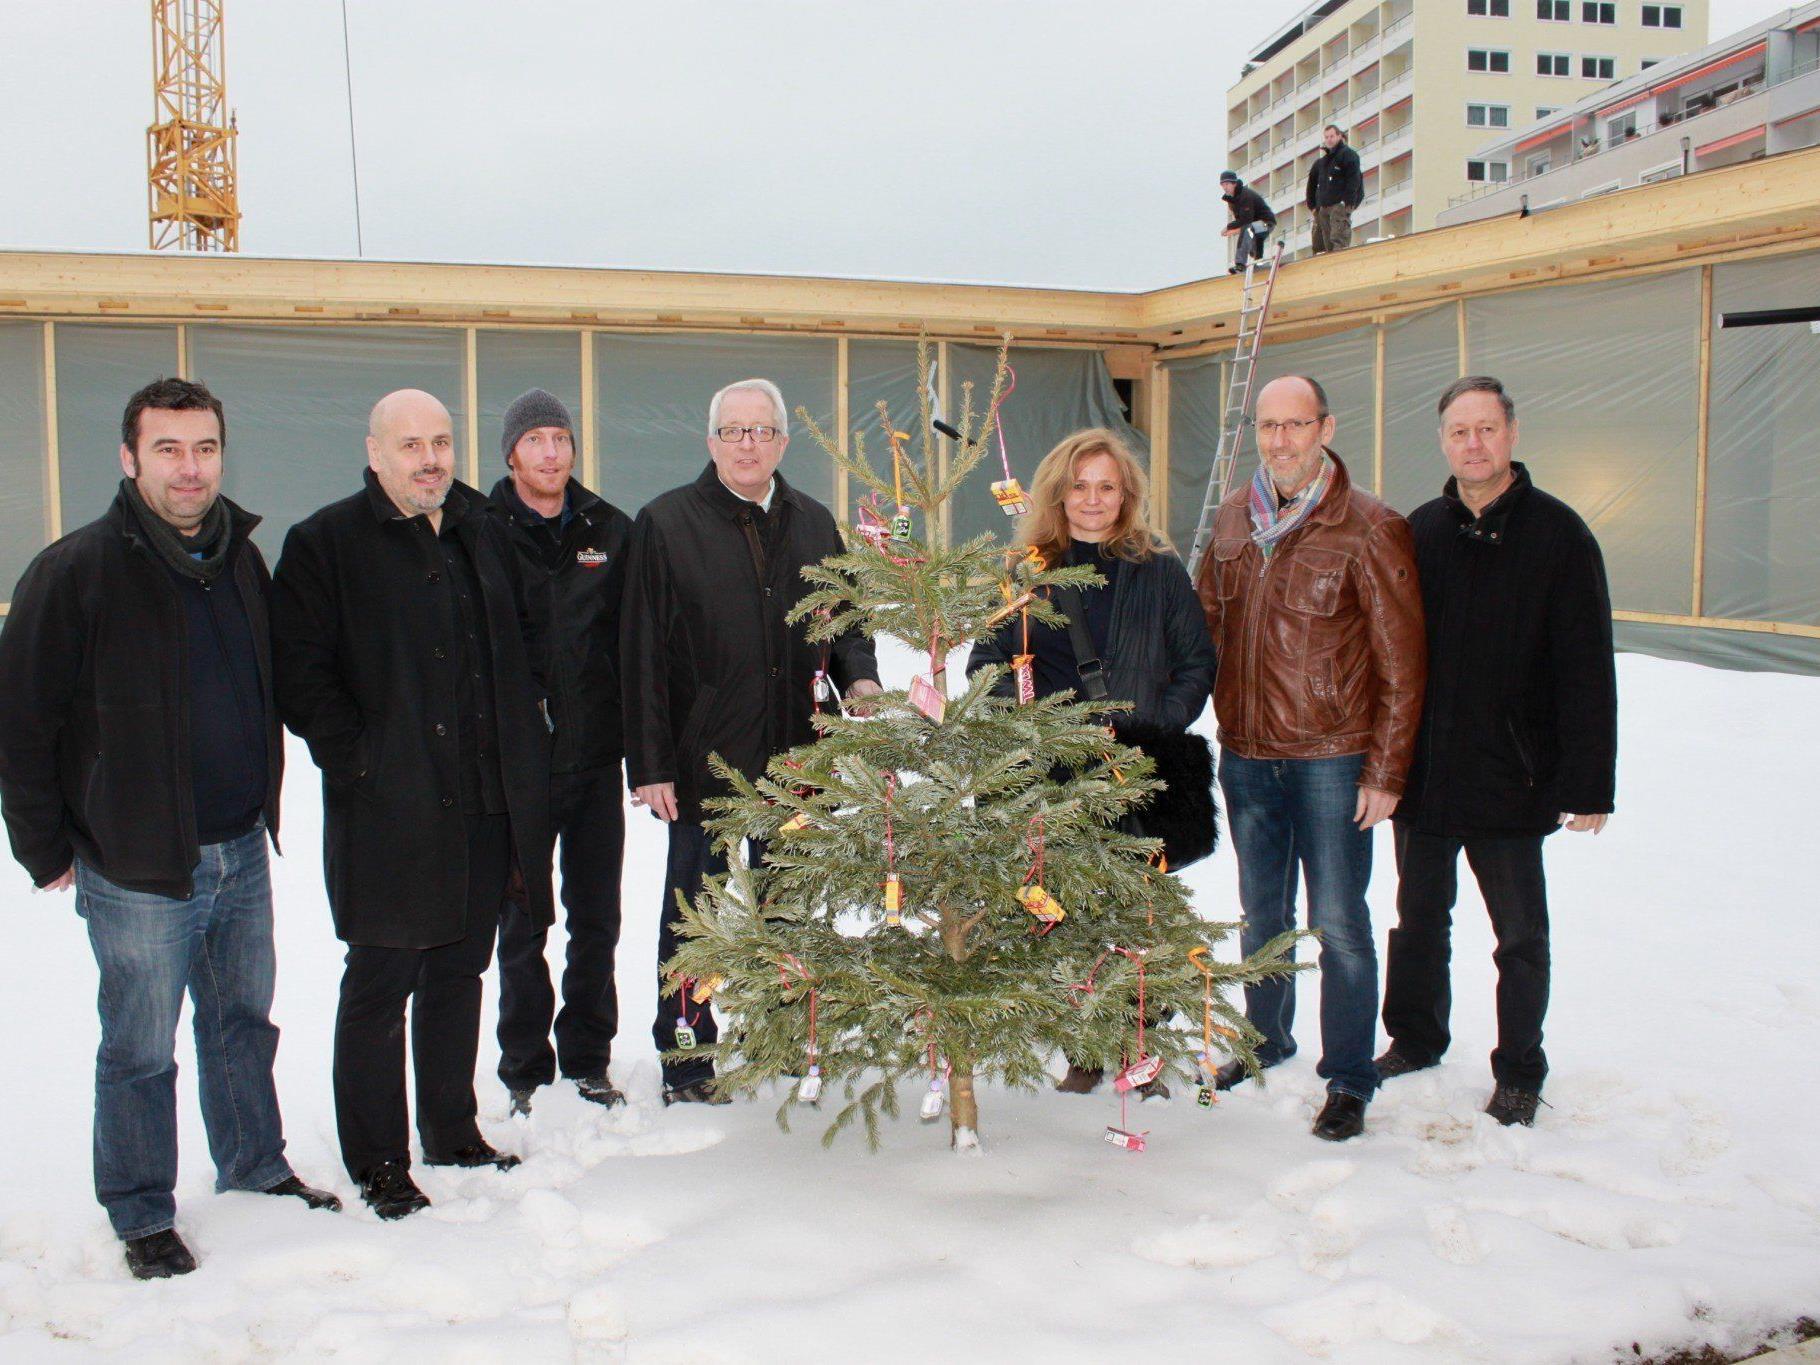 Günter Bader, die Architekten Bernhard Marte und Stefan Marth, Michael Simma, Annelies Linhart, Bgm. Xaver Sinz und Elmar Graß (von links).